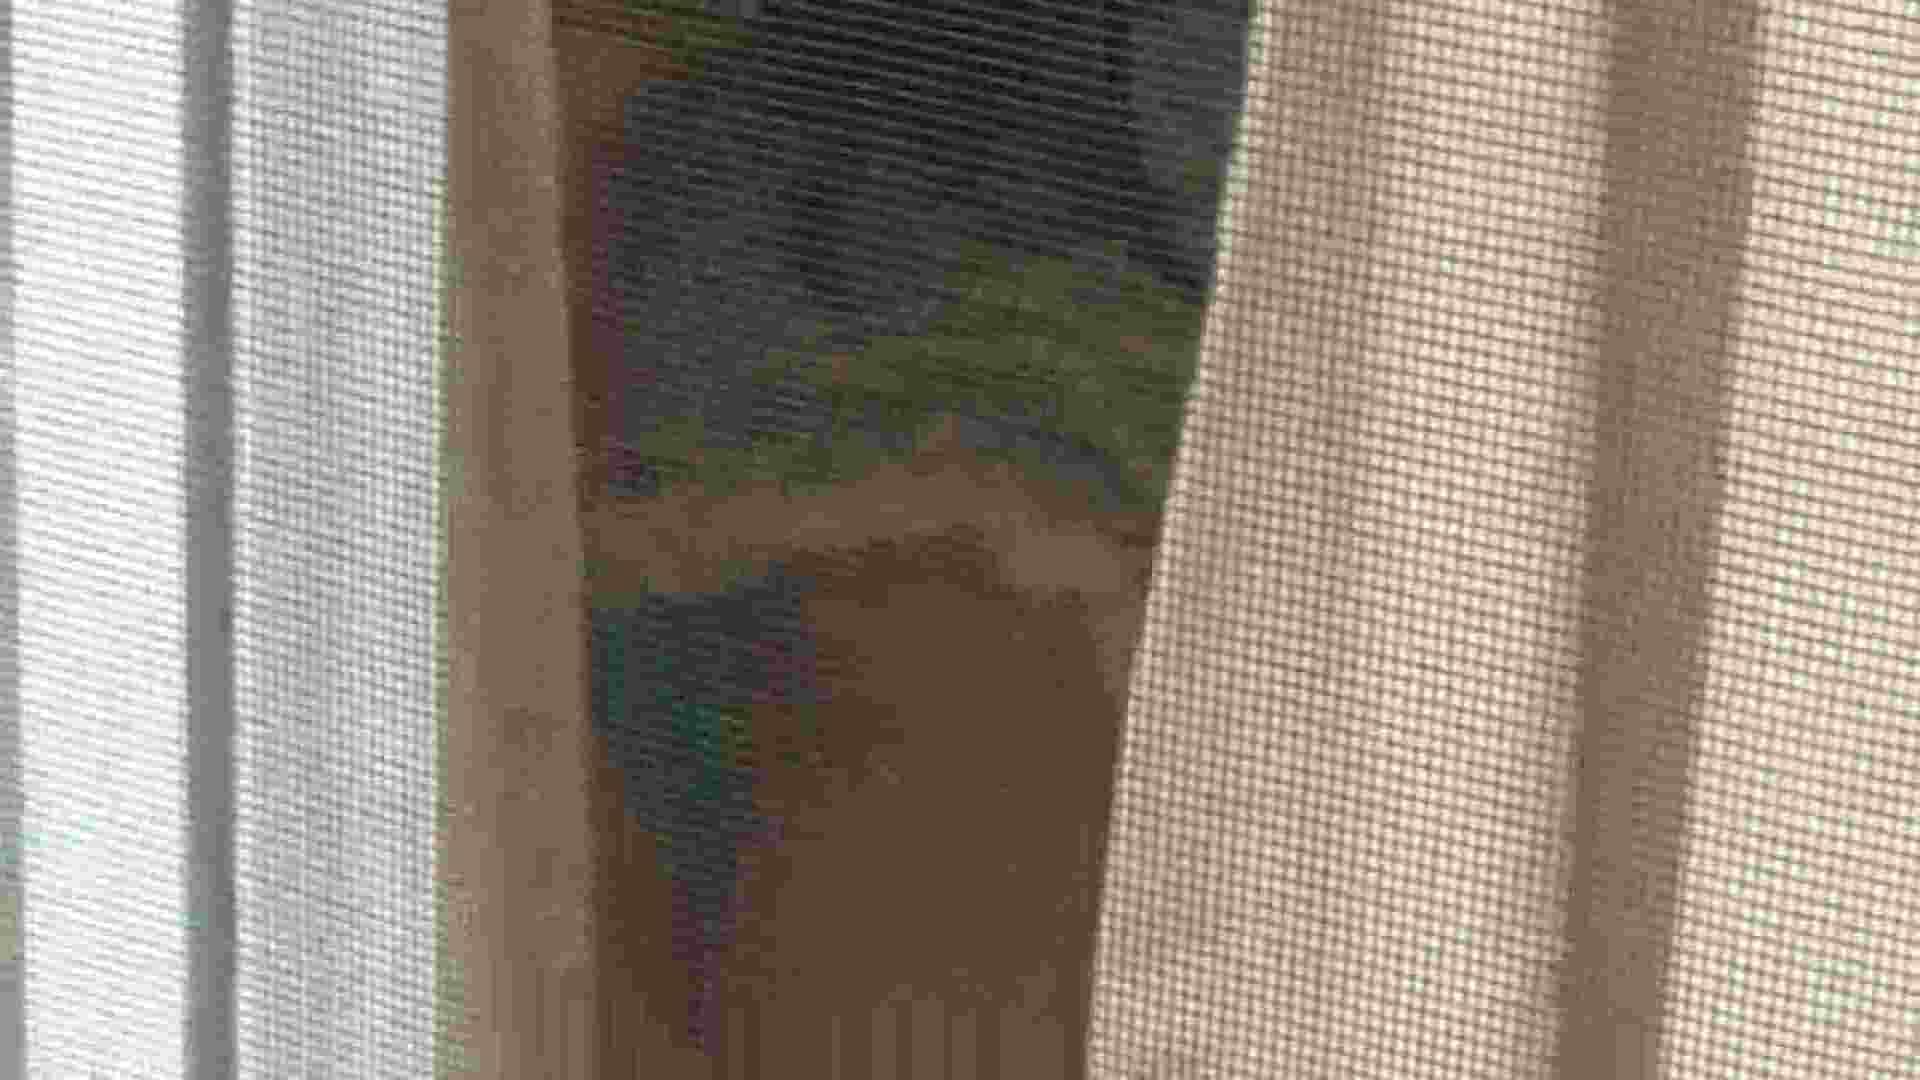 老舗ペンション2代目オーナーが流出したお宝映像Vol.1 OLセックス | 覗き放題  87画像 5